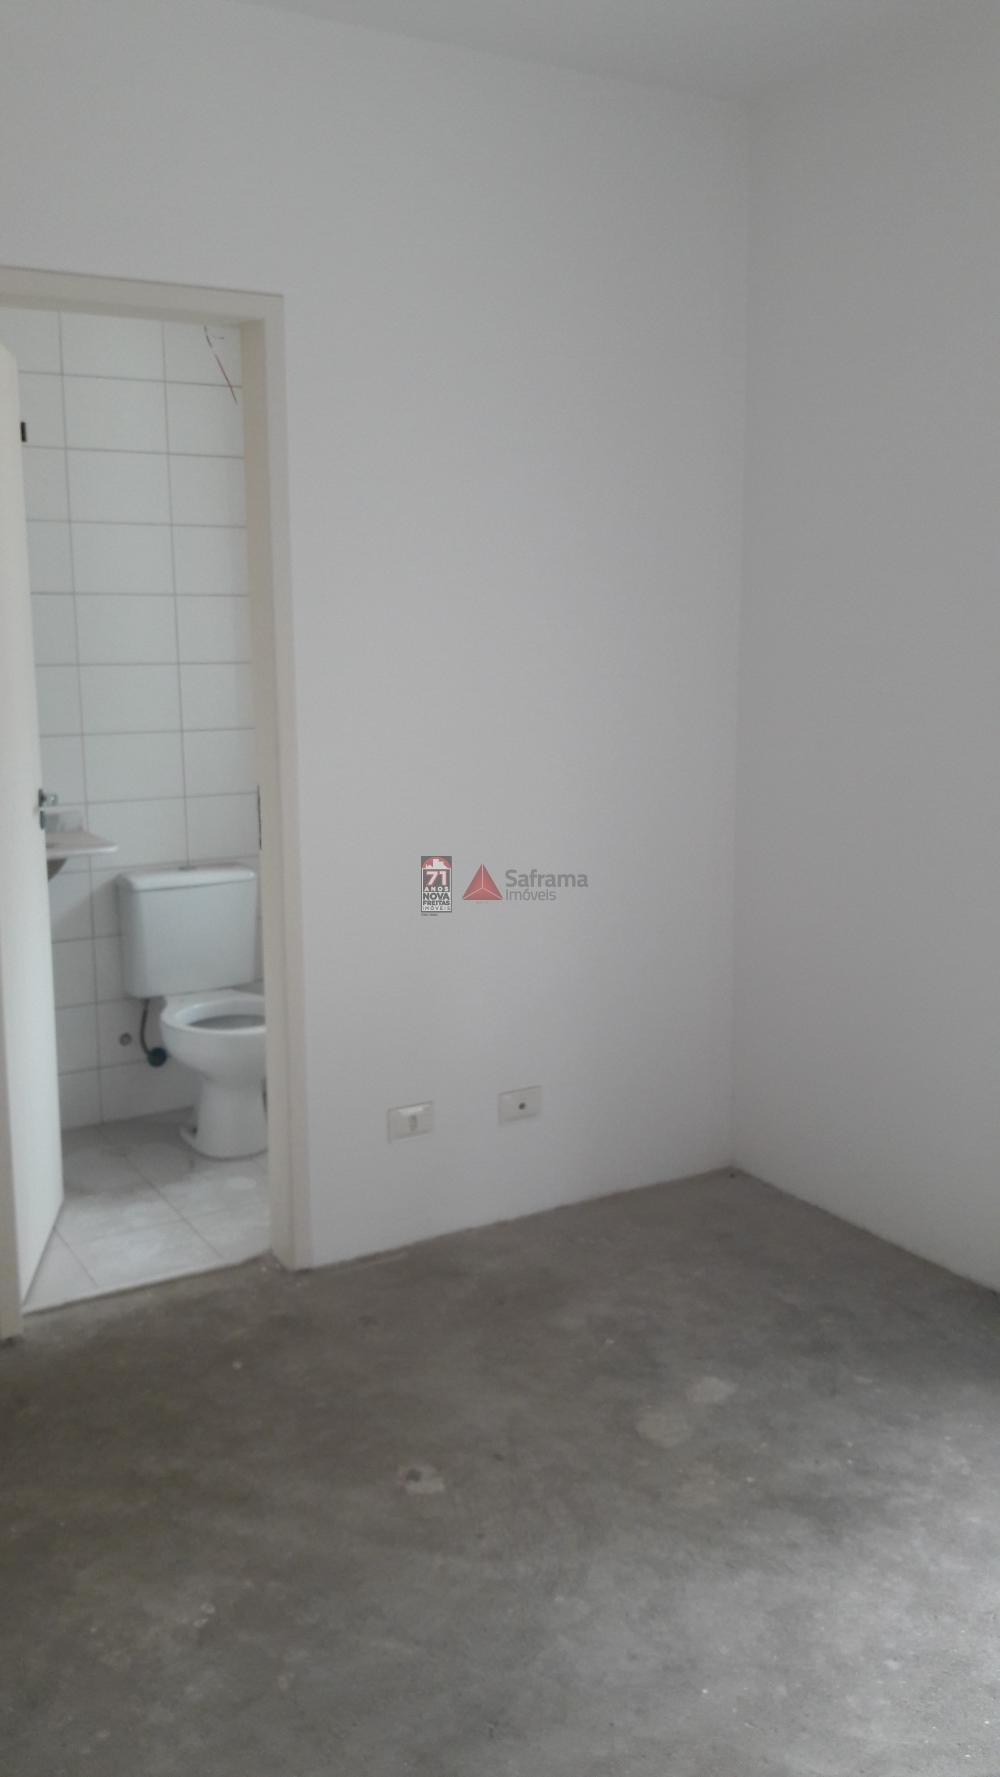 Comprar Apartamento / Padrão em São José dos Campos R$ 544.359,07 - Foto 6